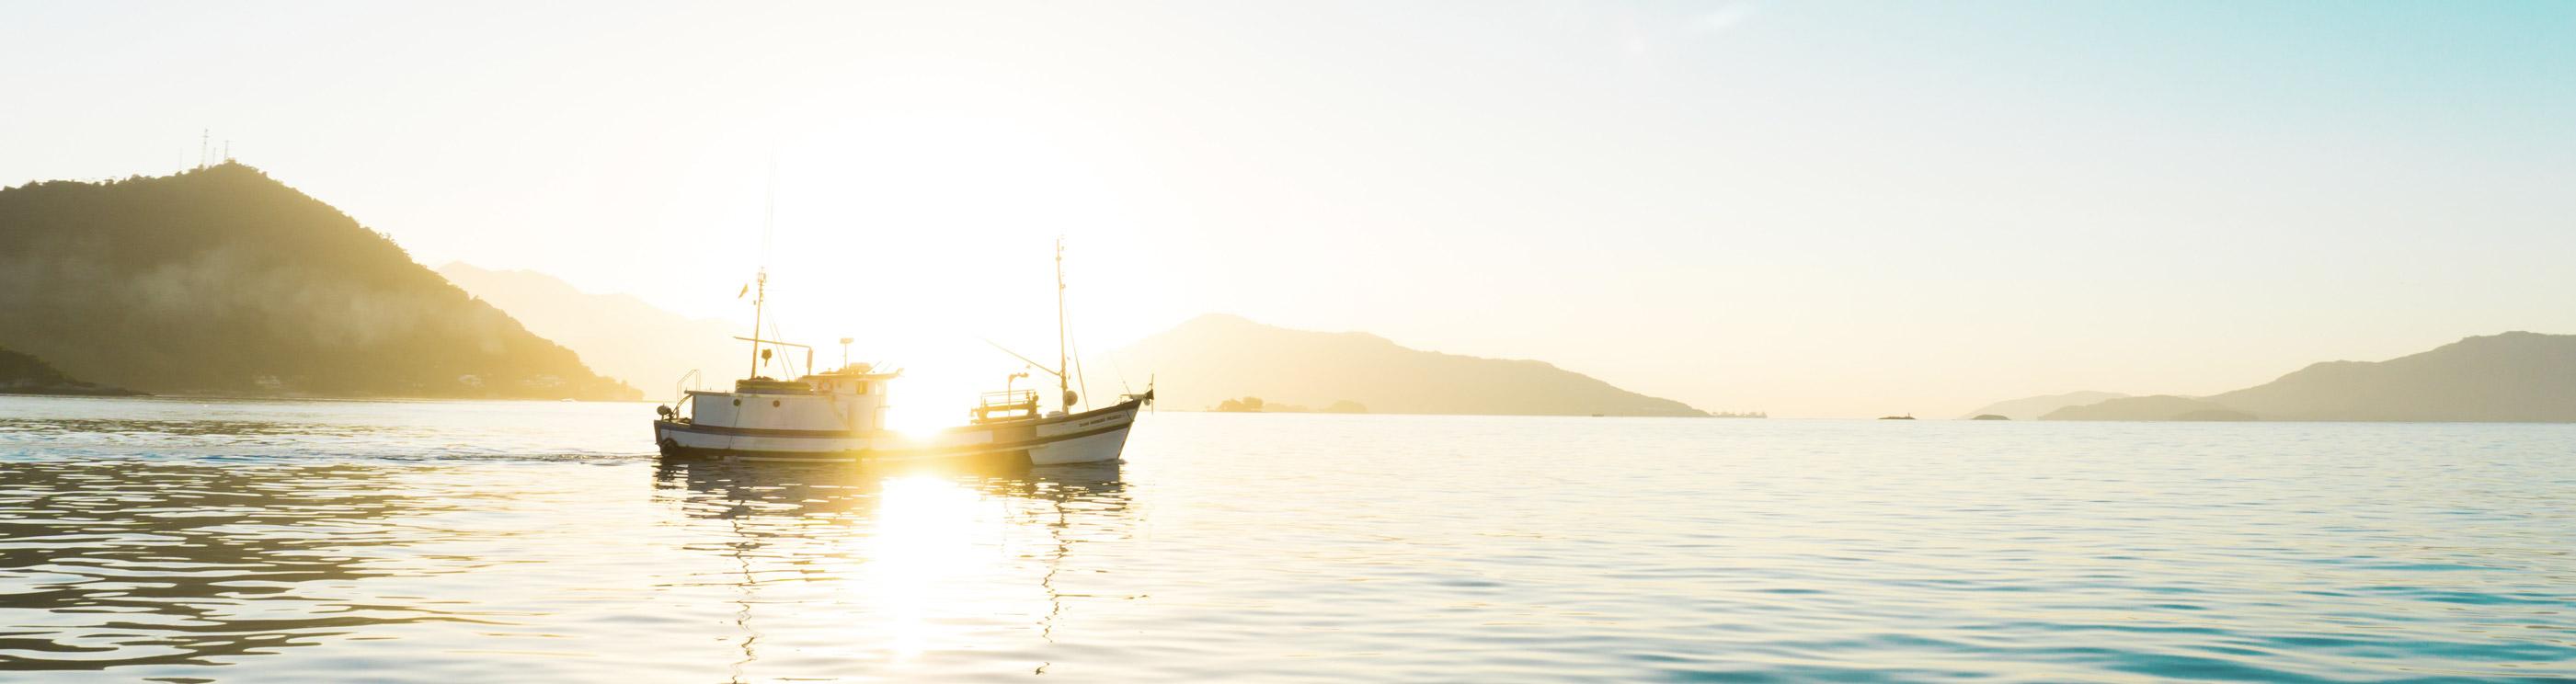 Paisaje de dos barcos en el mar con puesta de sol y montañas